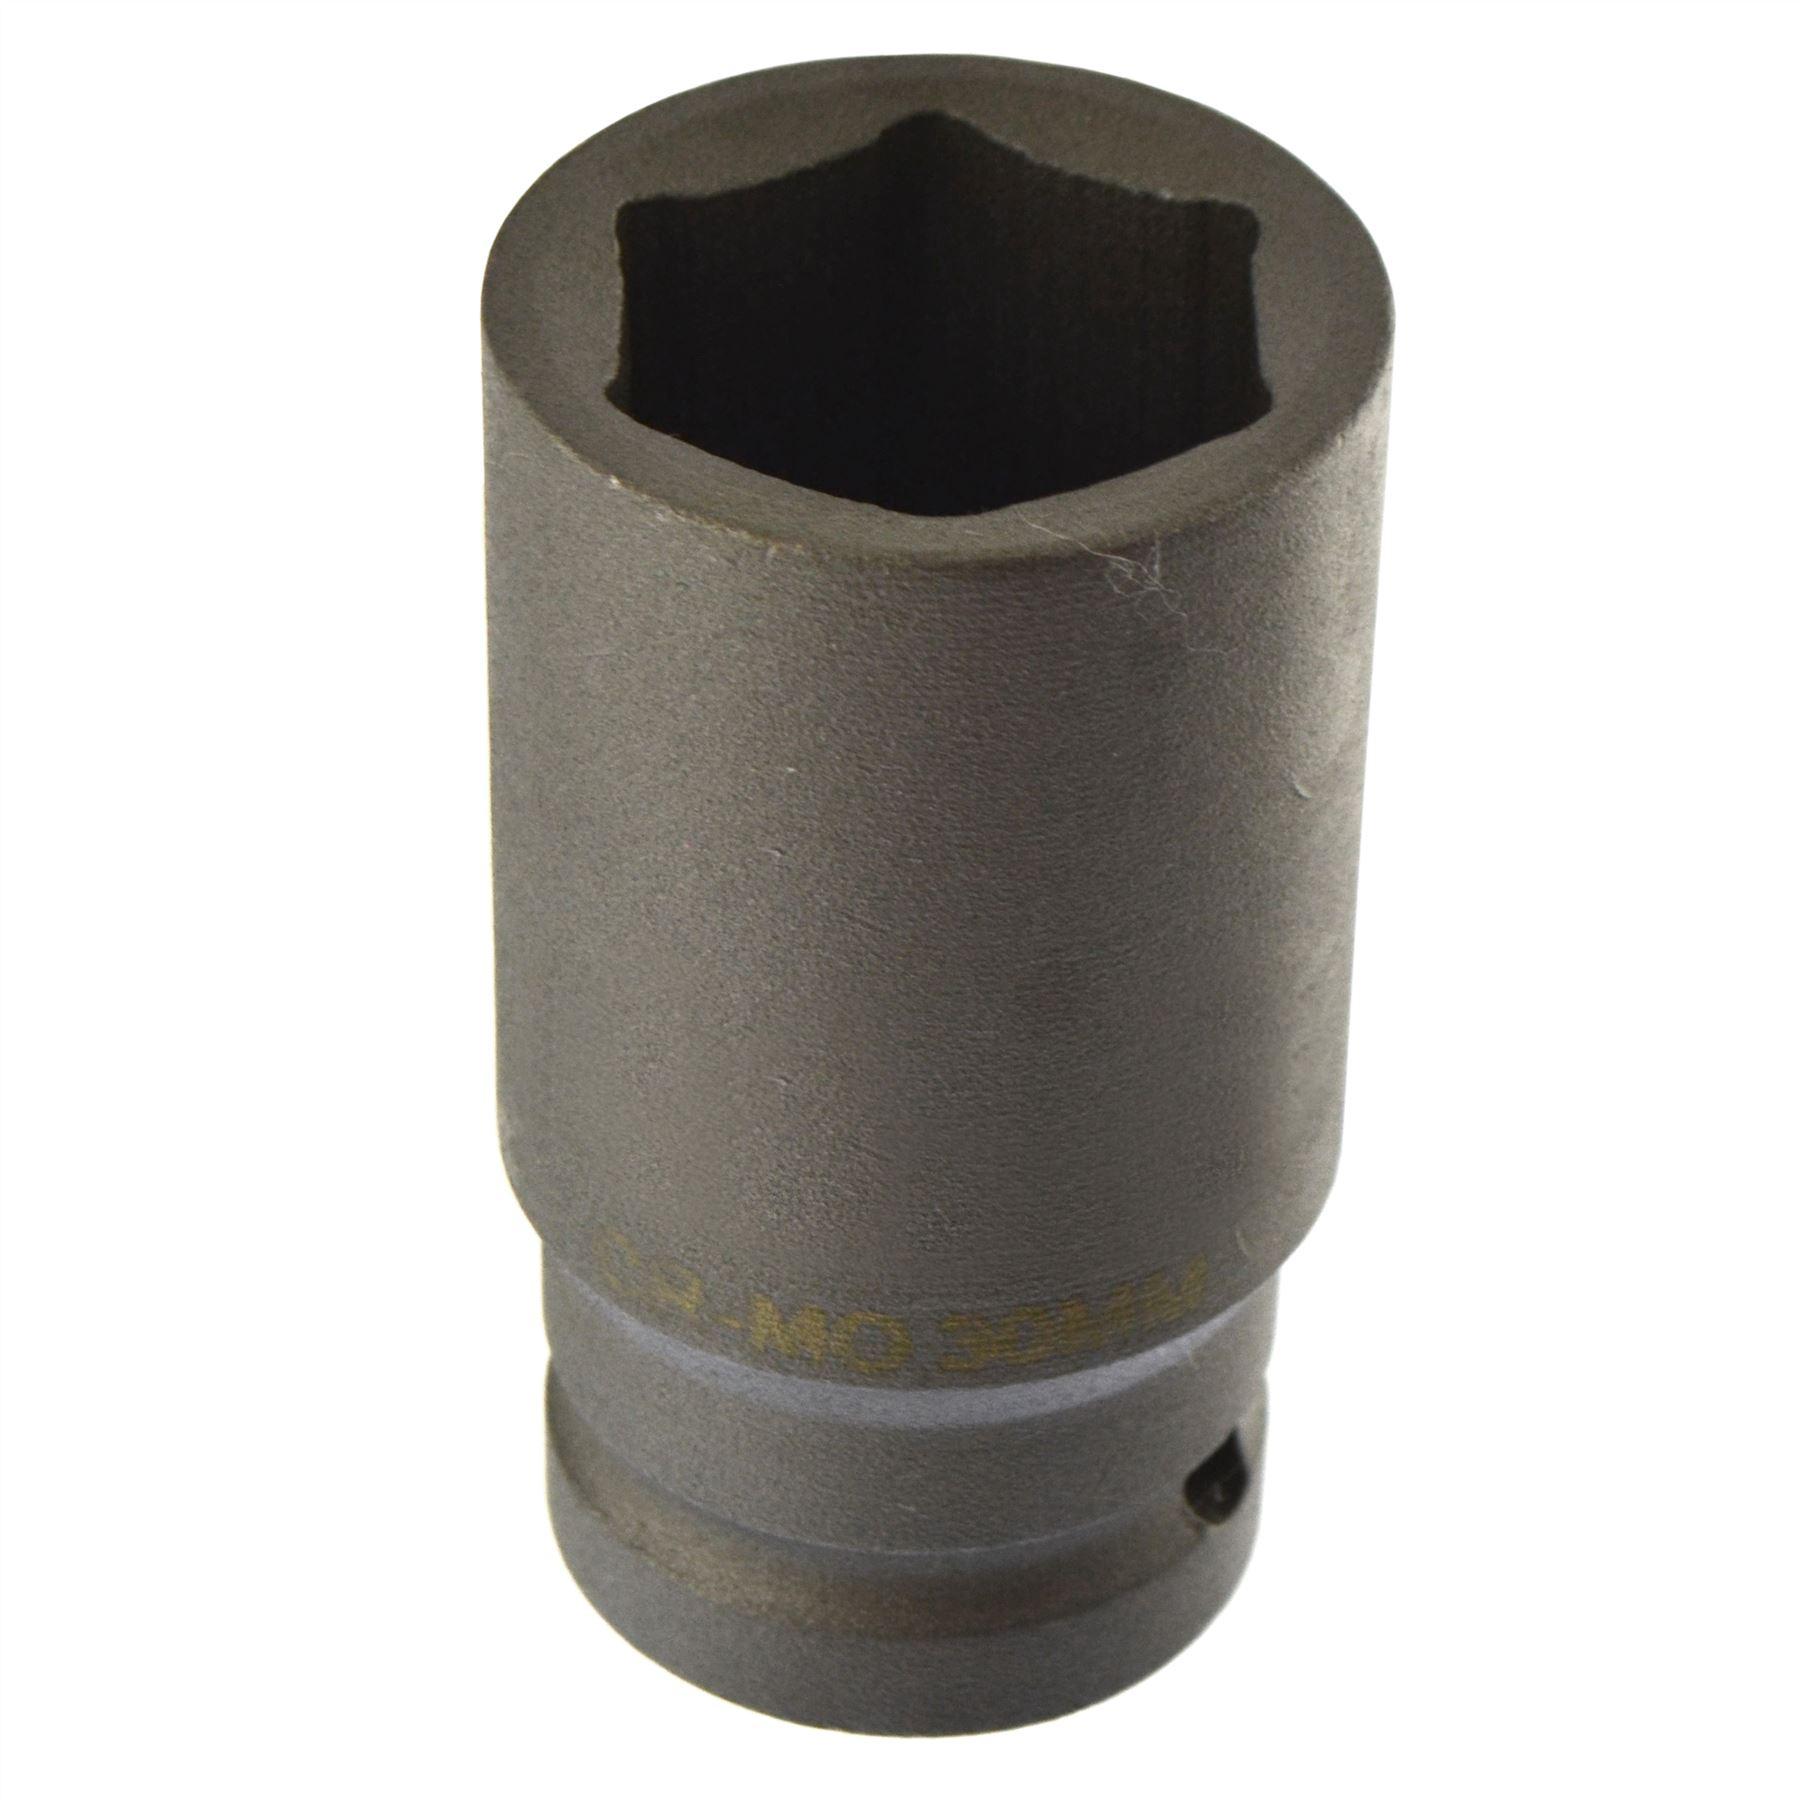 30mm Metrische 3/4 Antrieb tief buchse 6 seitig Single Hex Dickwandige